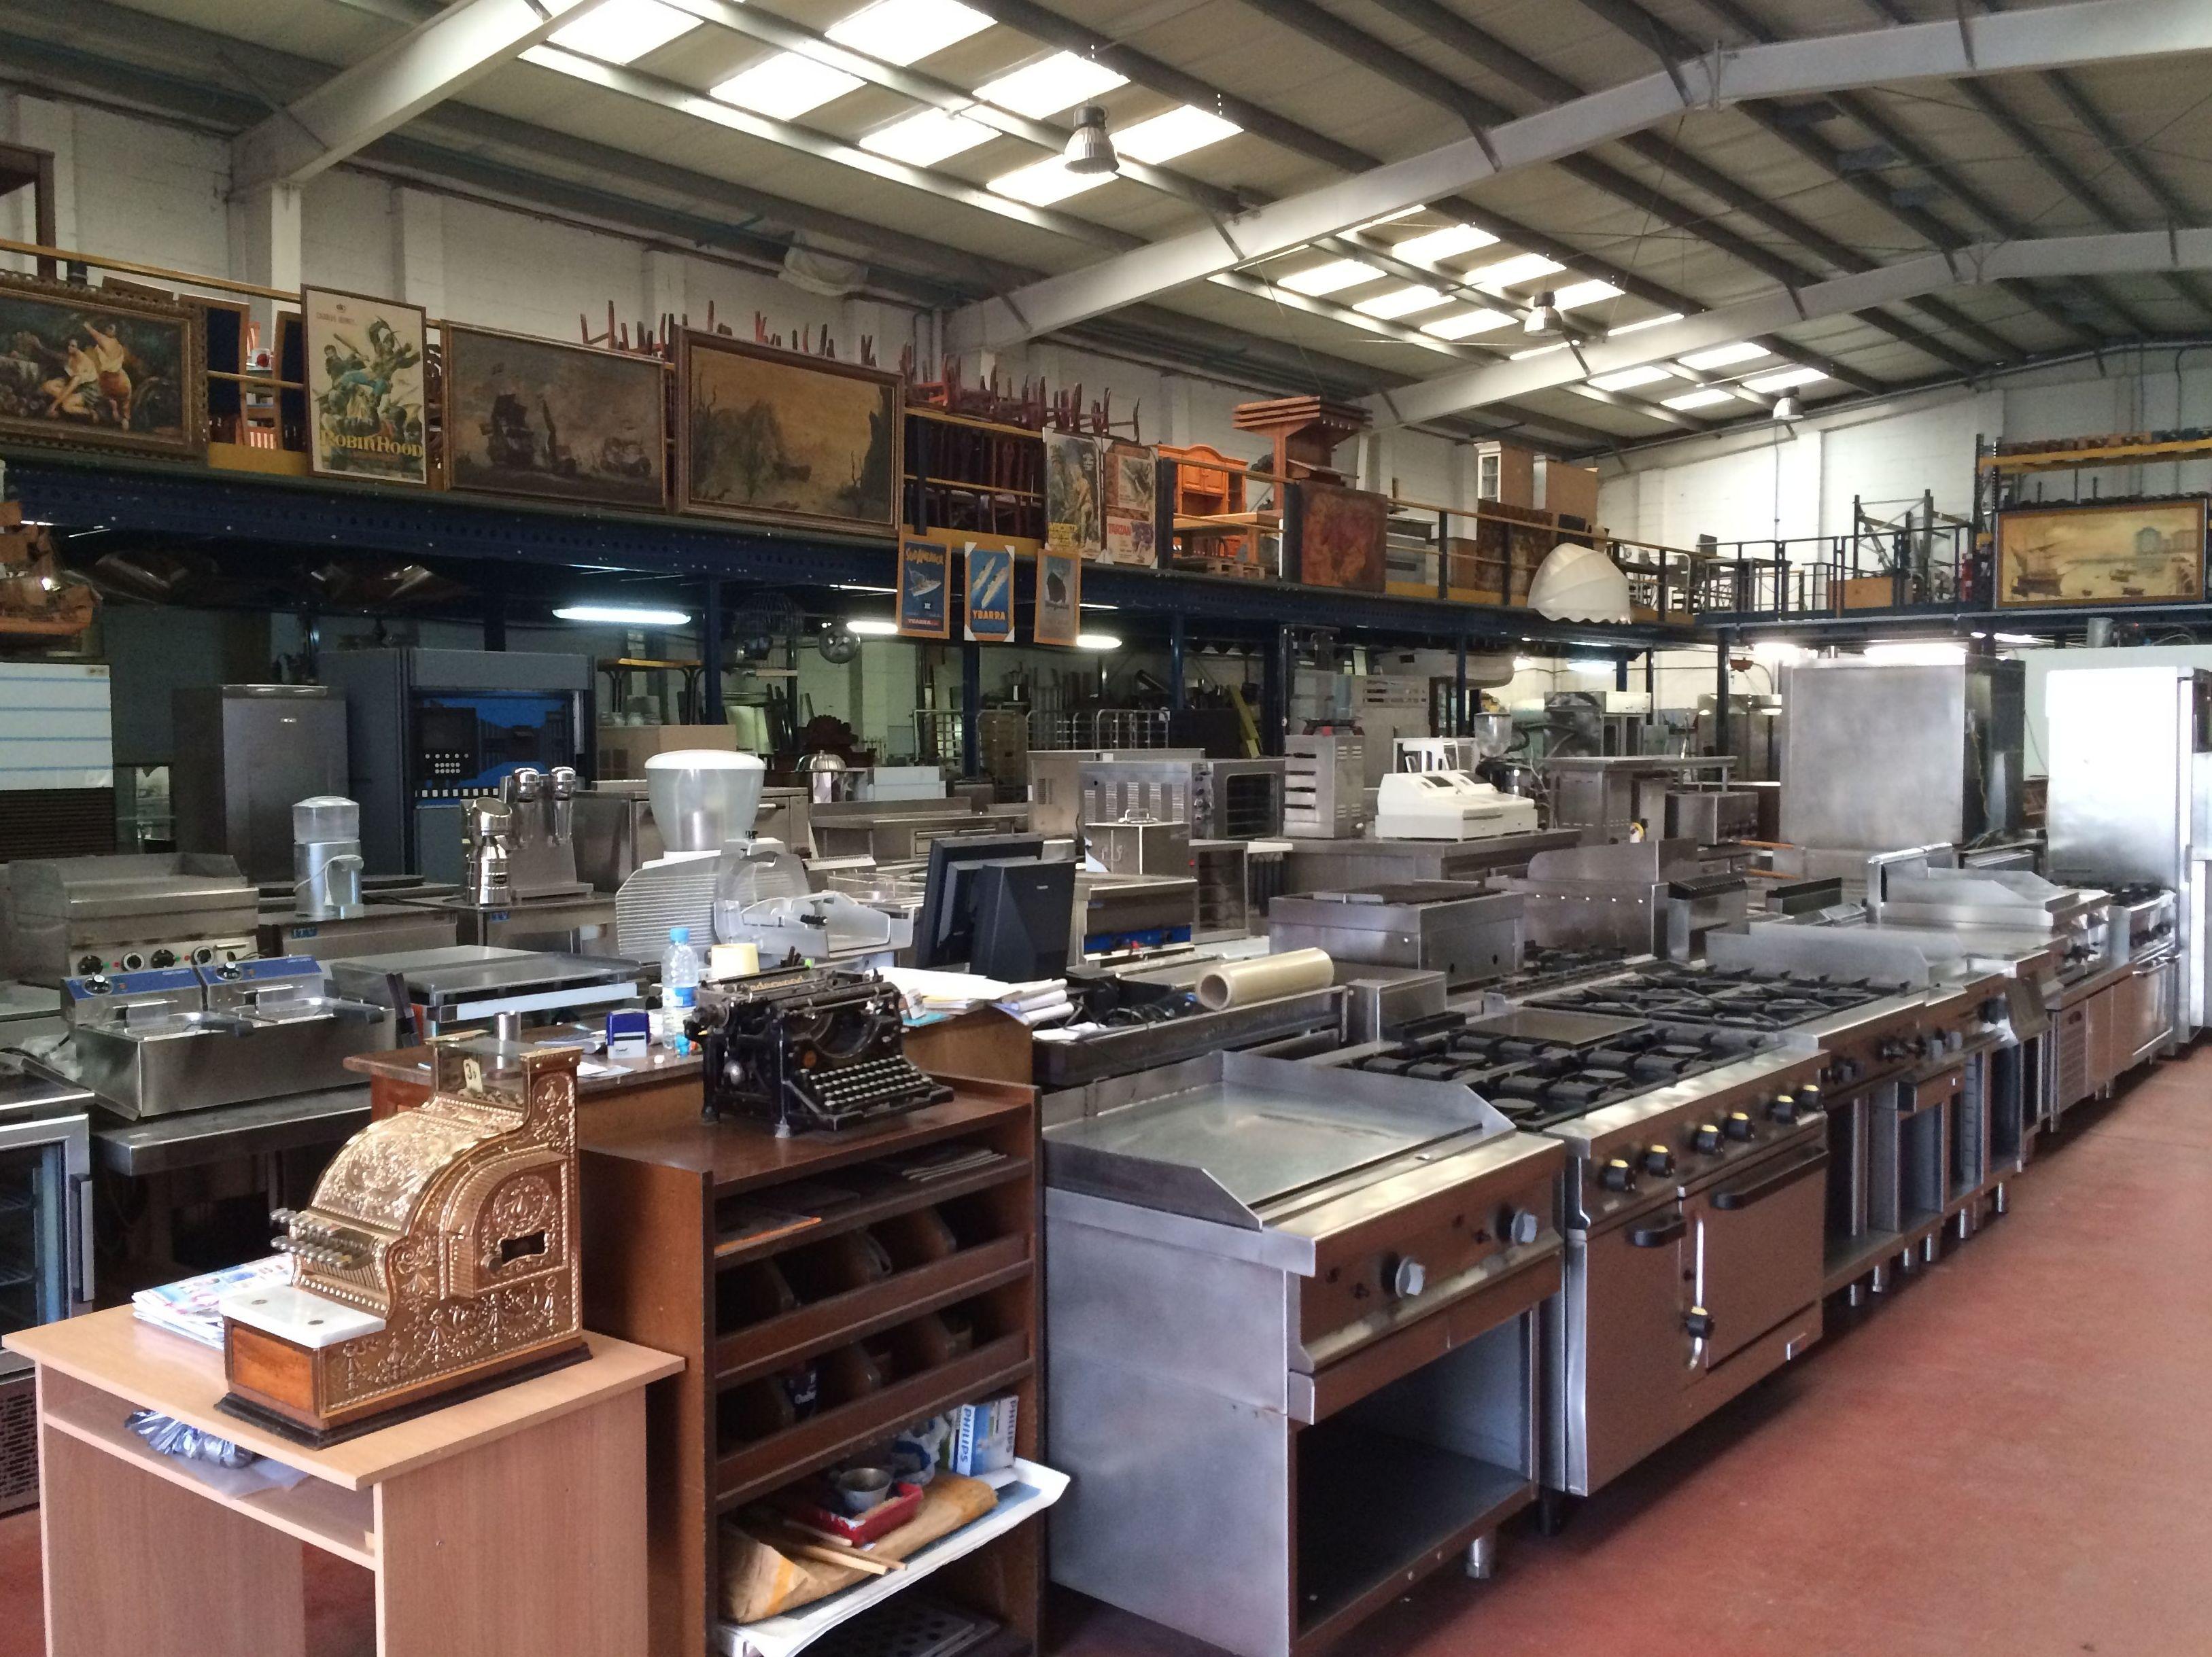 Maquinaria hosteleria segunda mano en santander for Planchas de cocina industriales de segunda mano